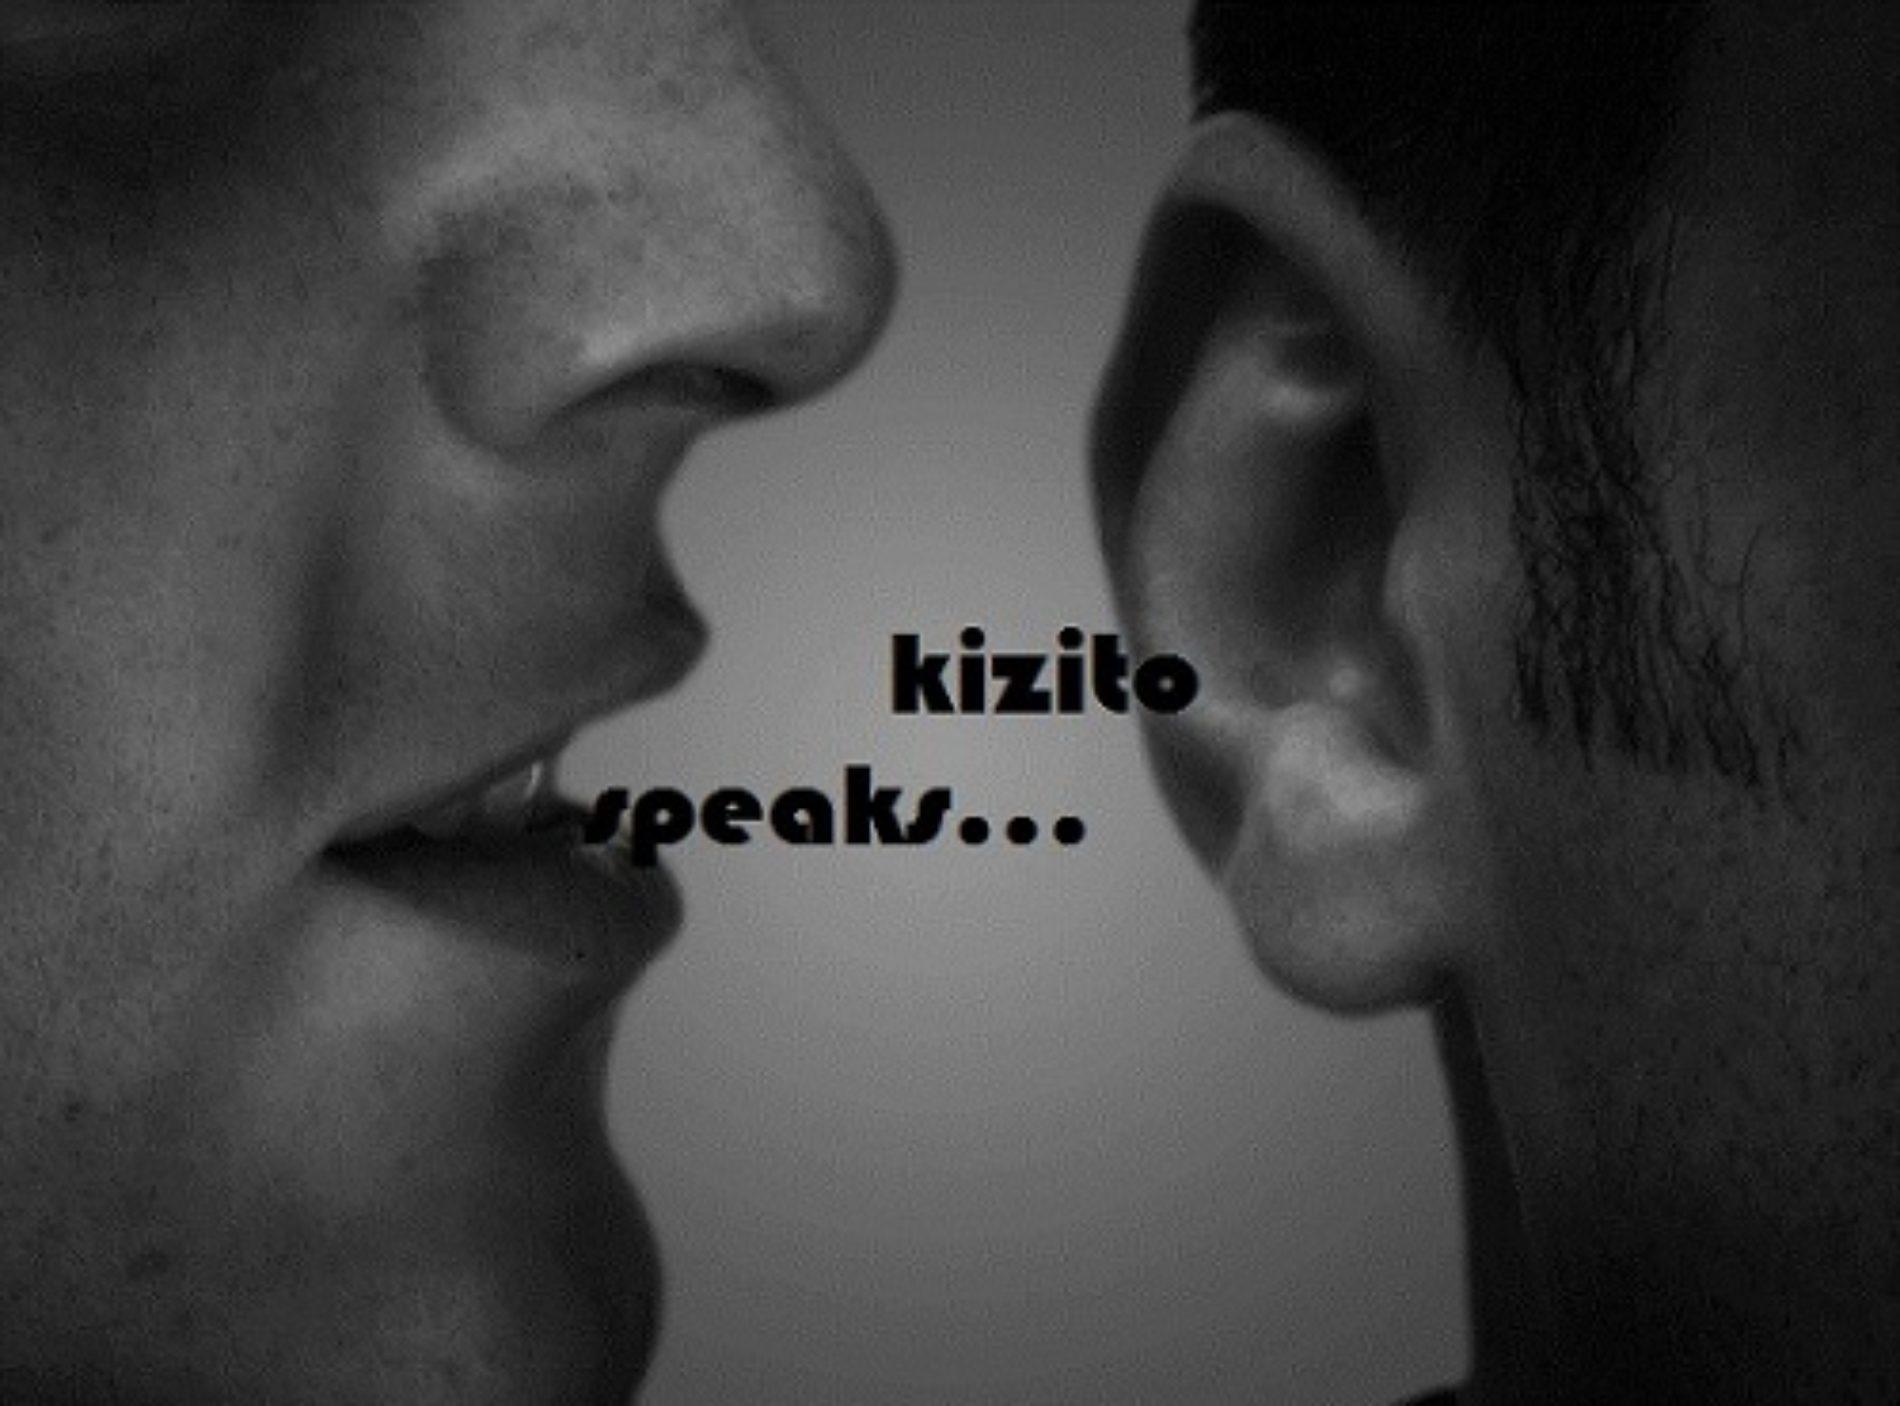 KIZITO SPEAKS III